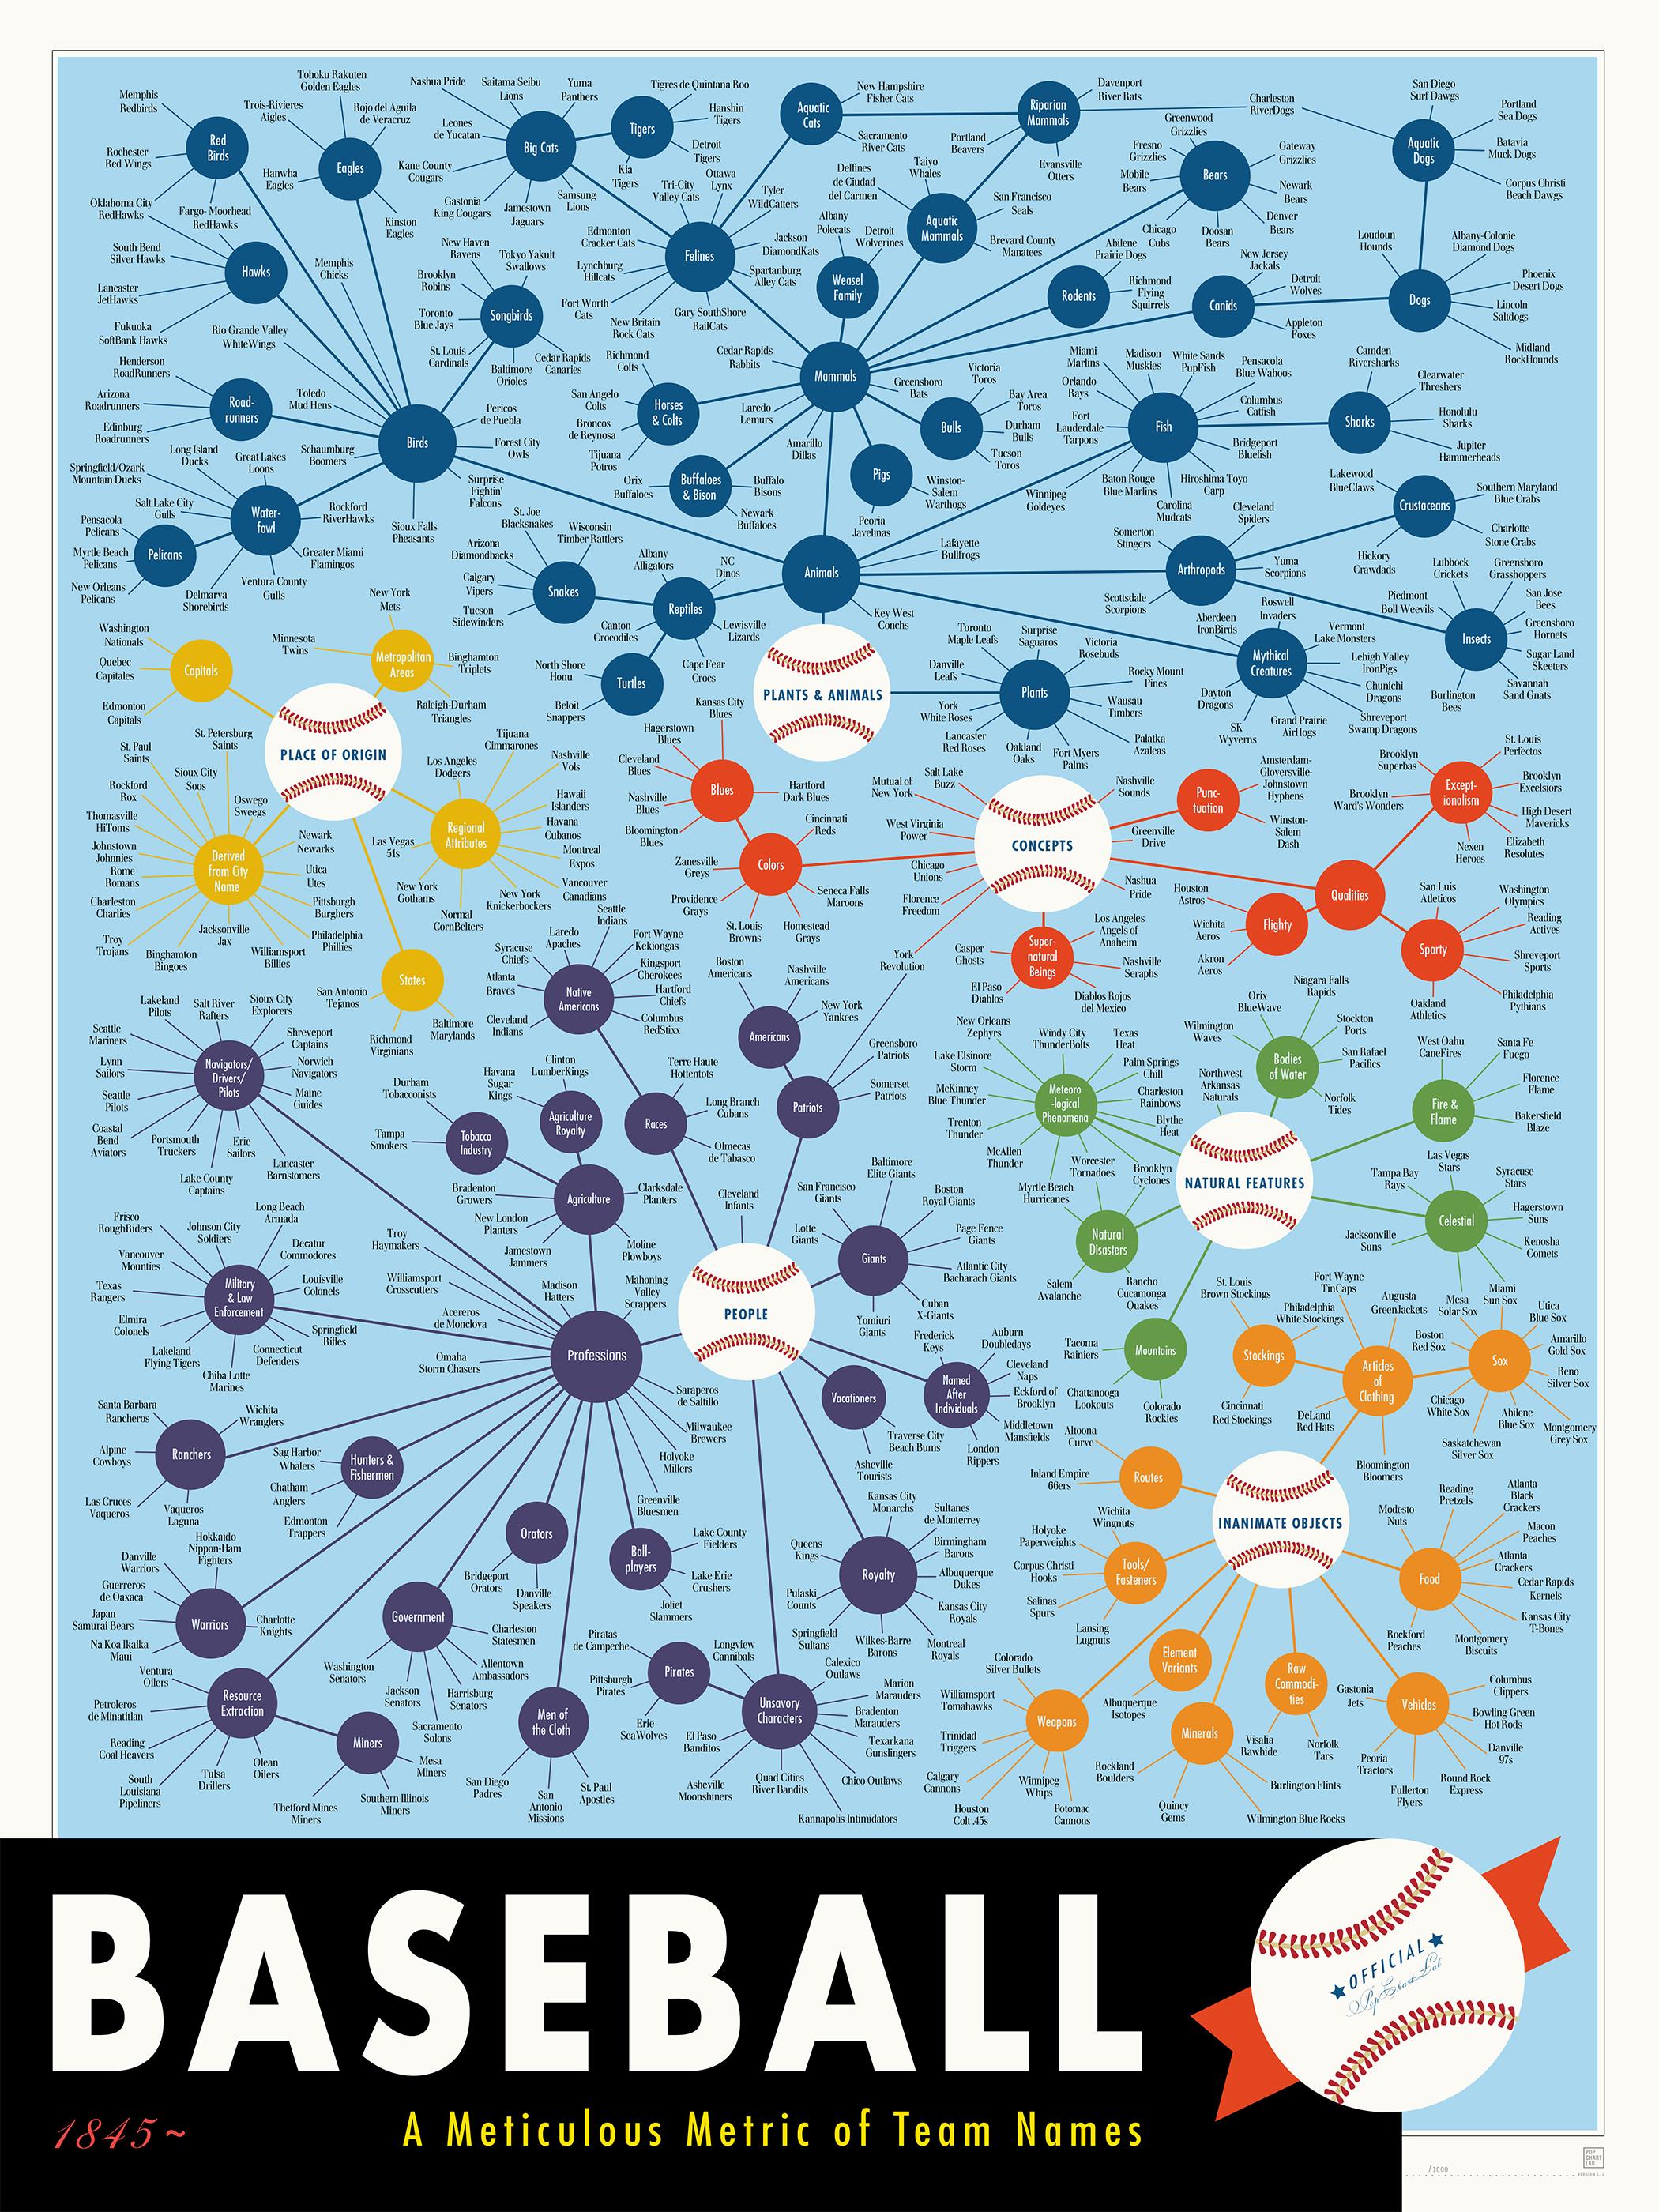 インフォグラフィック:プロ野球482チーム名をカテゴリ別に仕分け。残るのは6チーム